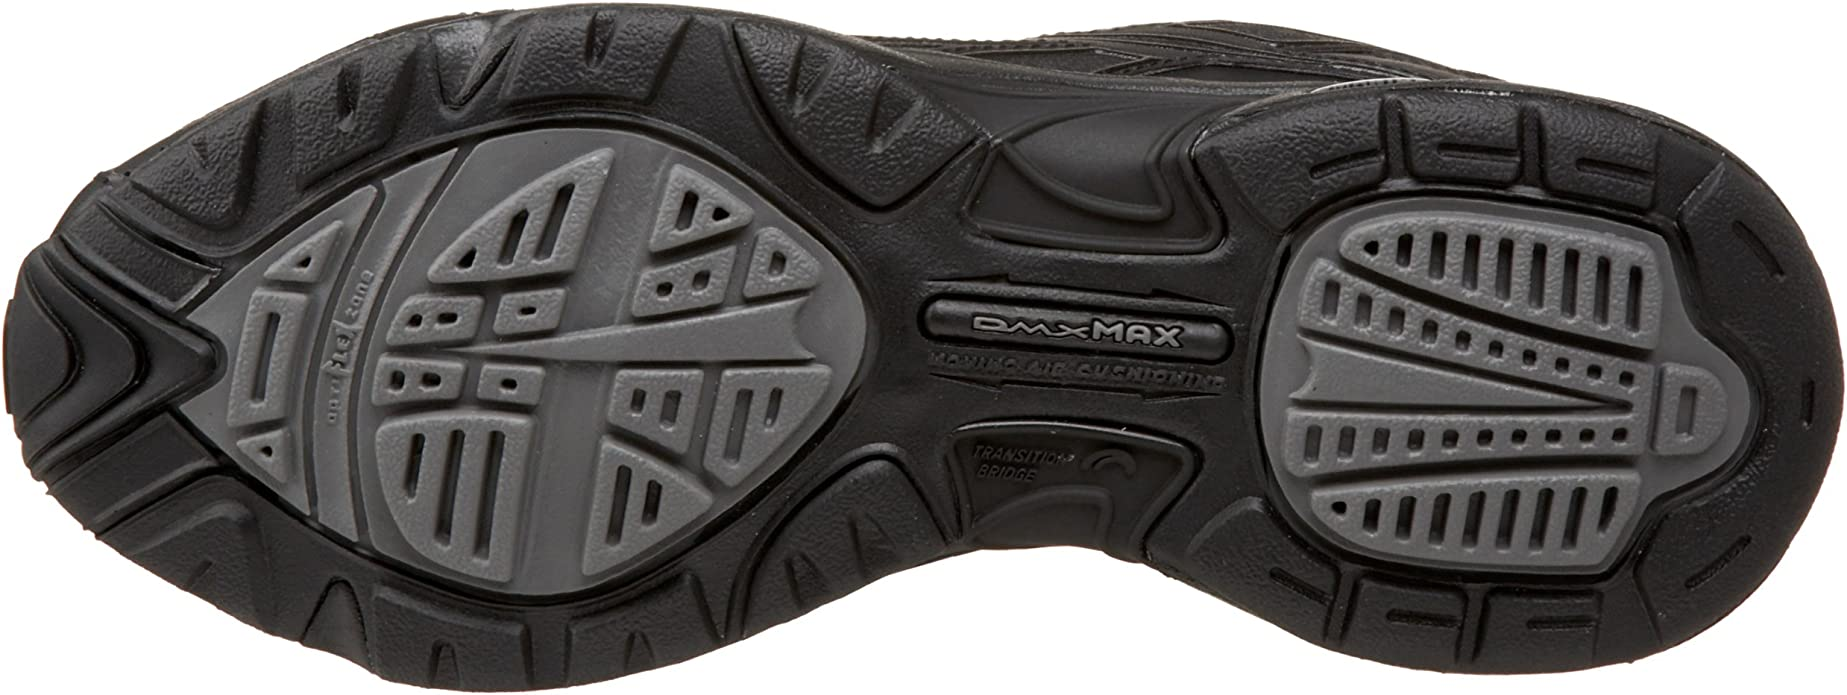 Ultimate Walk Walking Shoe